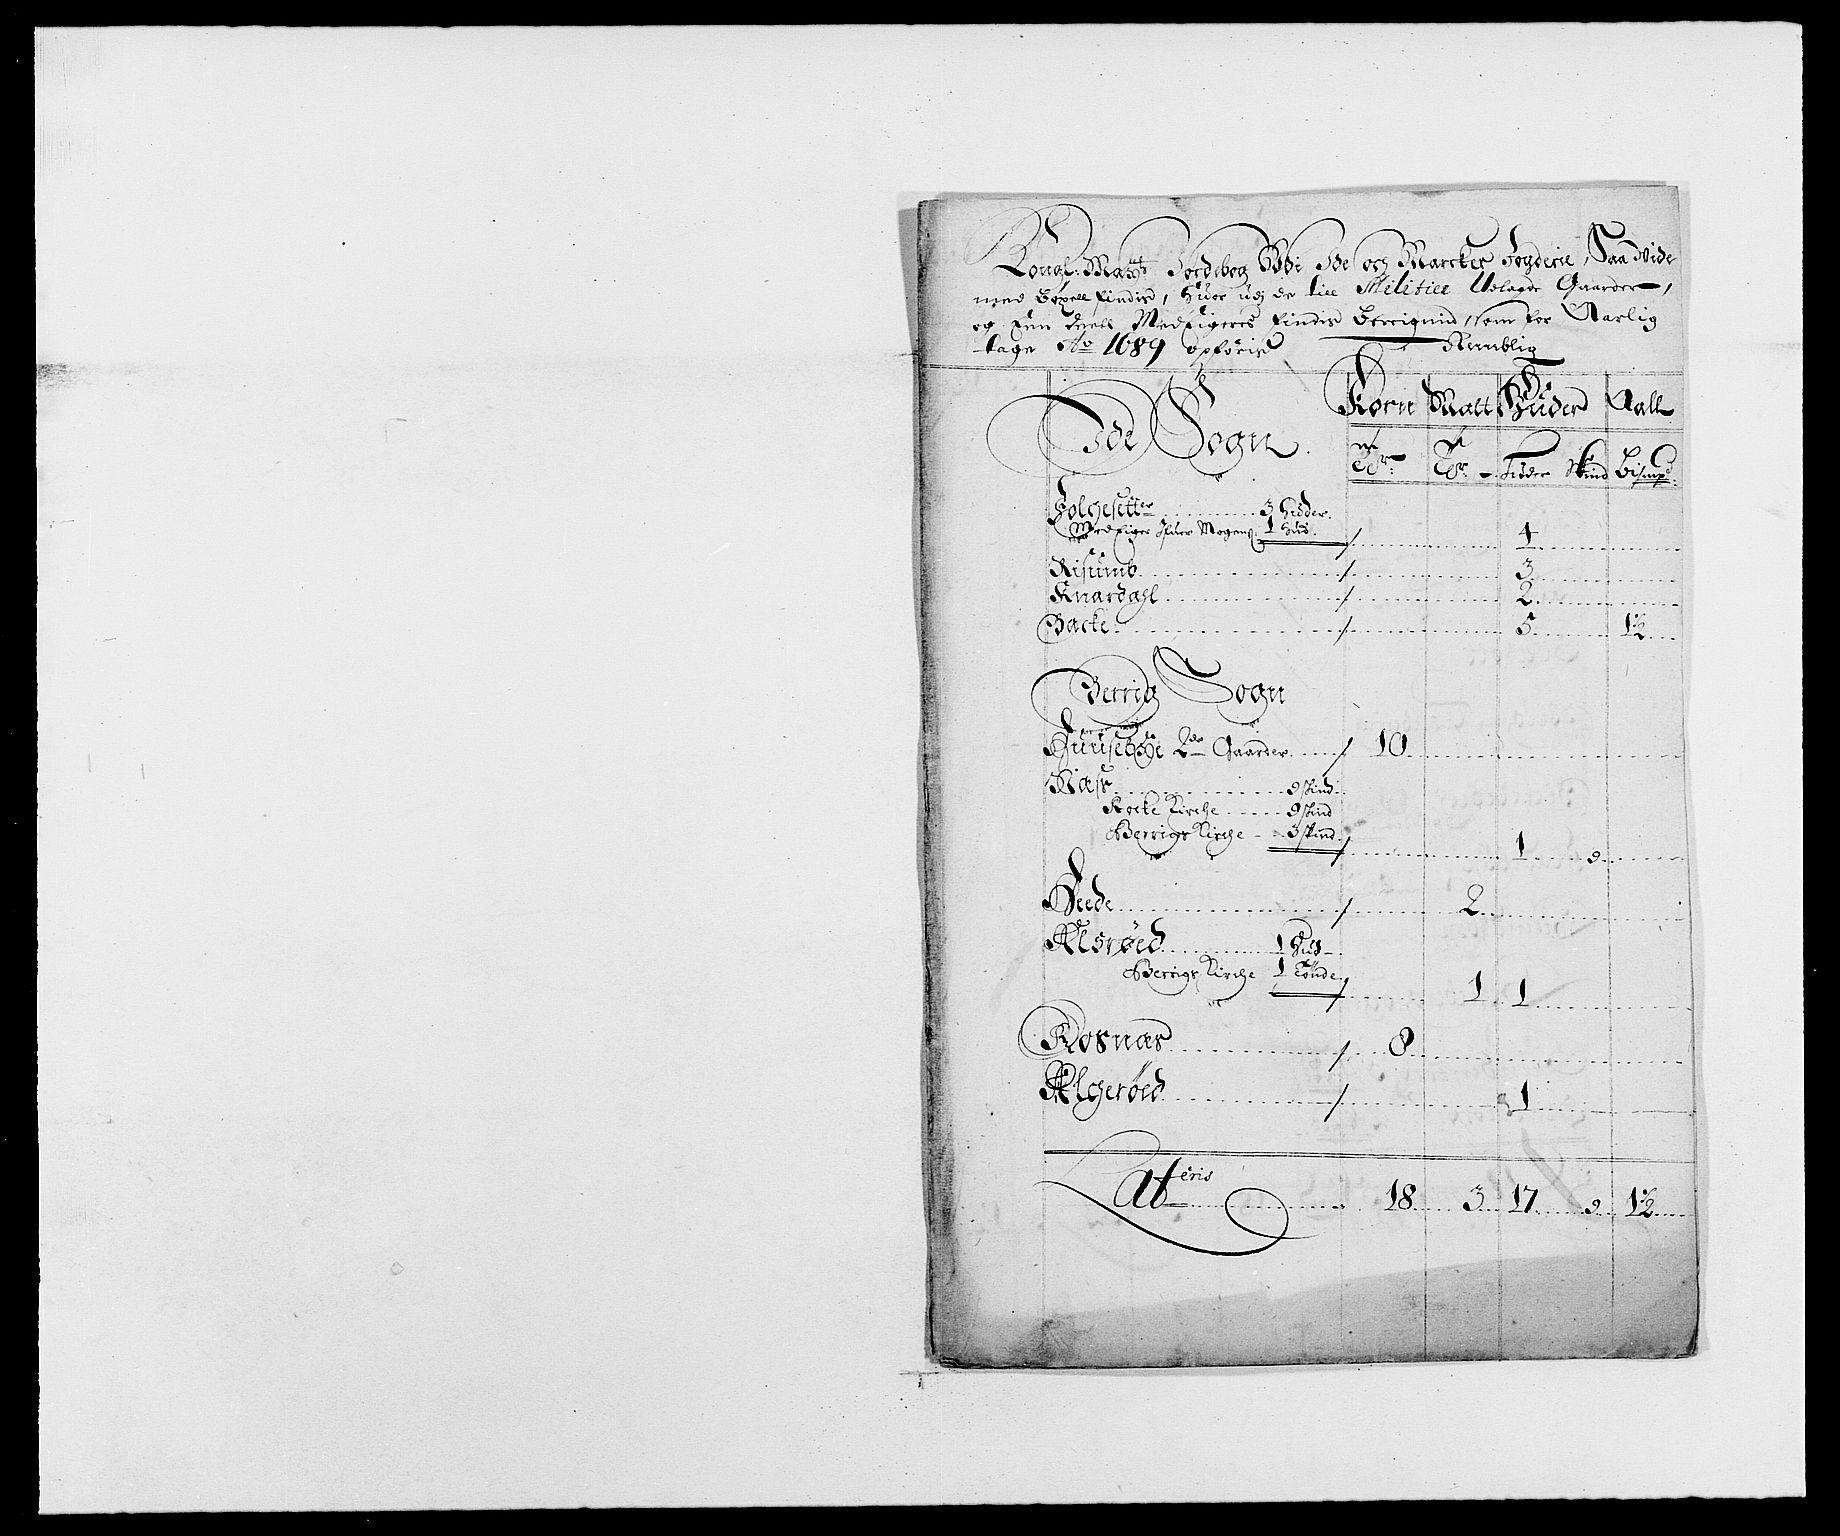 RA, Rentekammeret inntil 1814, Reviderte regnskaper, Fogderegnskap, R01/L0008: Fogderegnskap Idd og Marker, 1689, s. 87